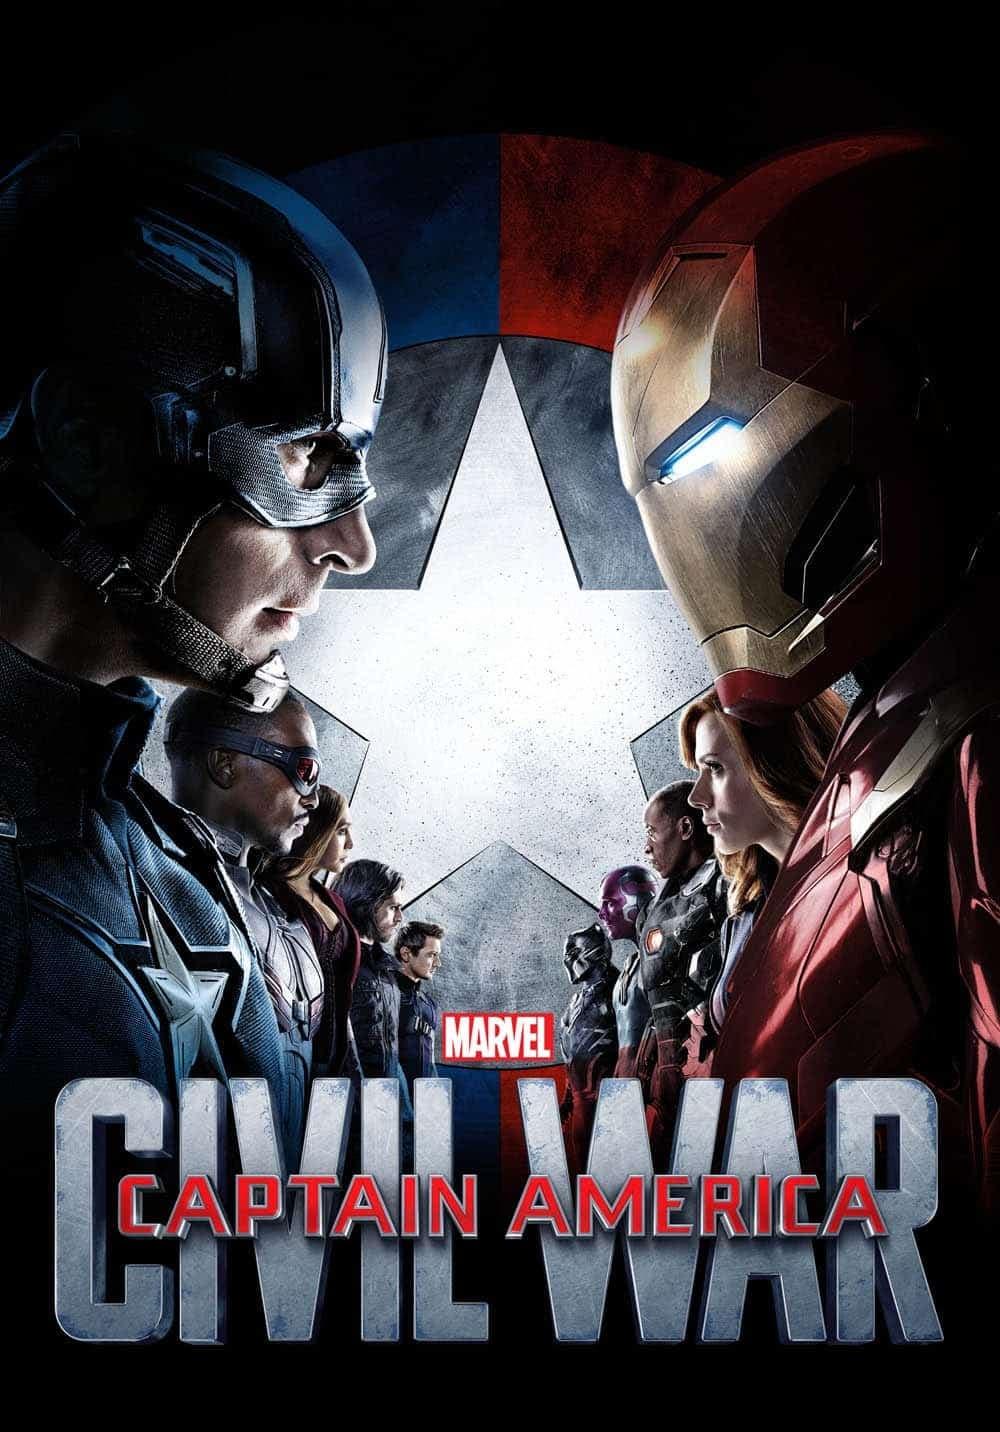 Póster Capitán América: Civil War